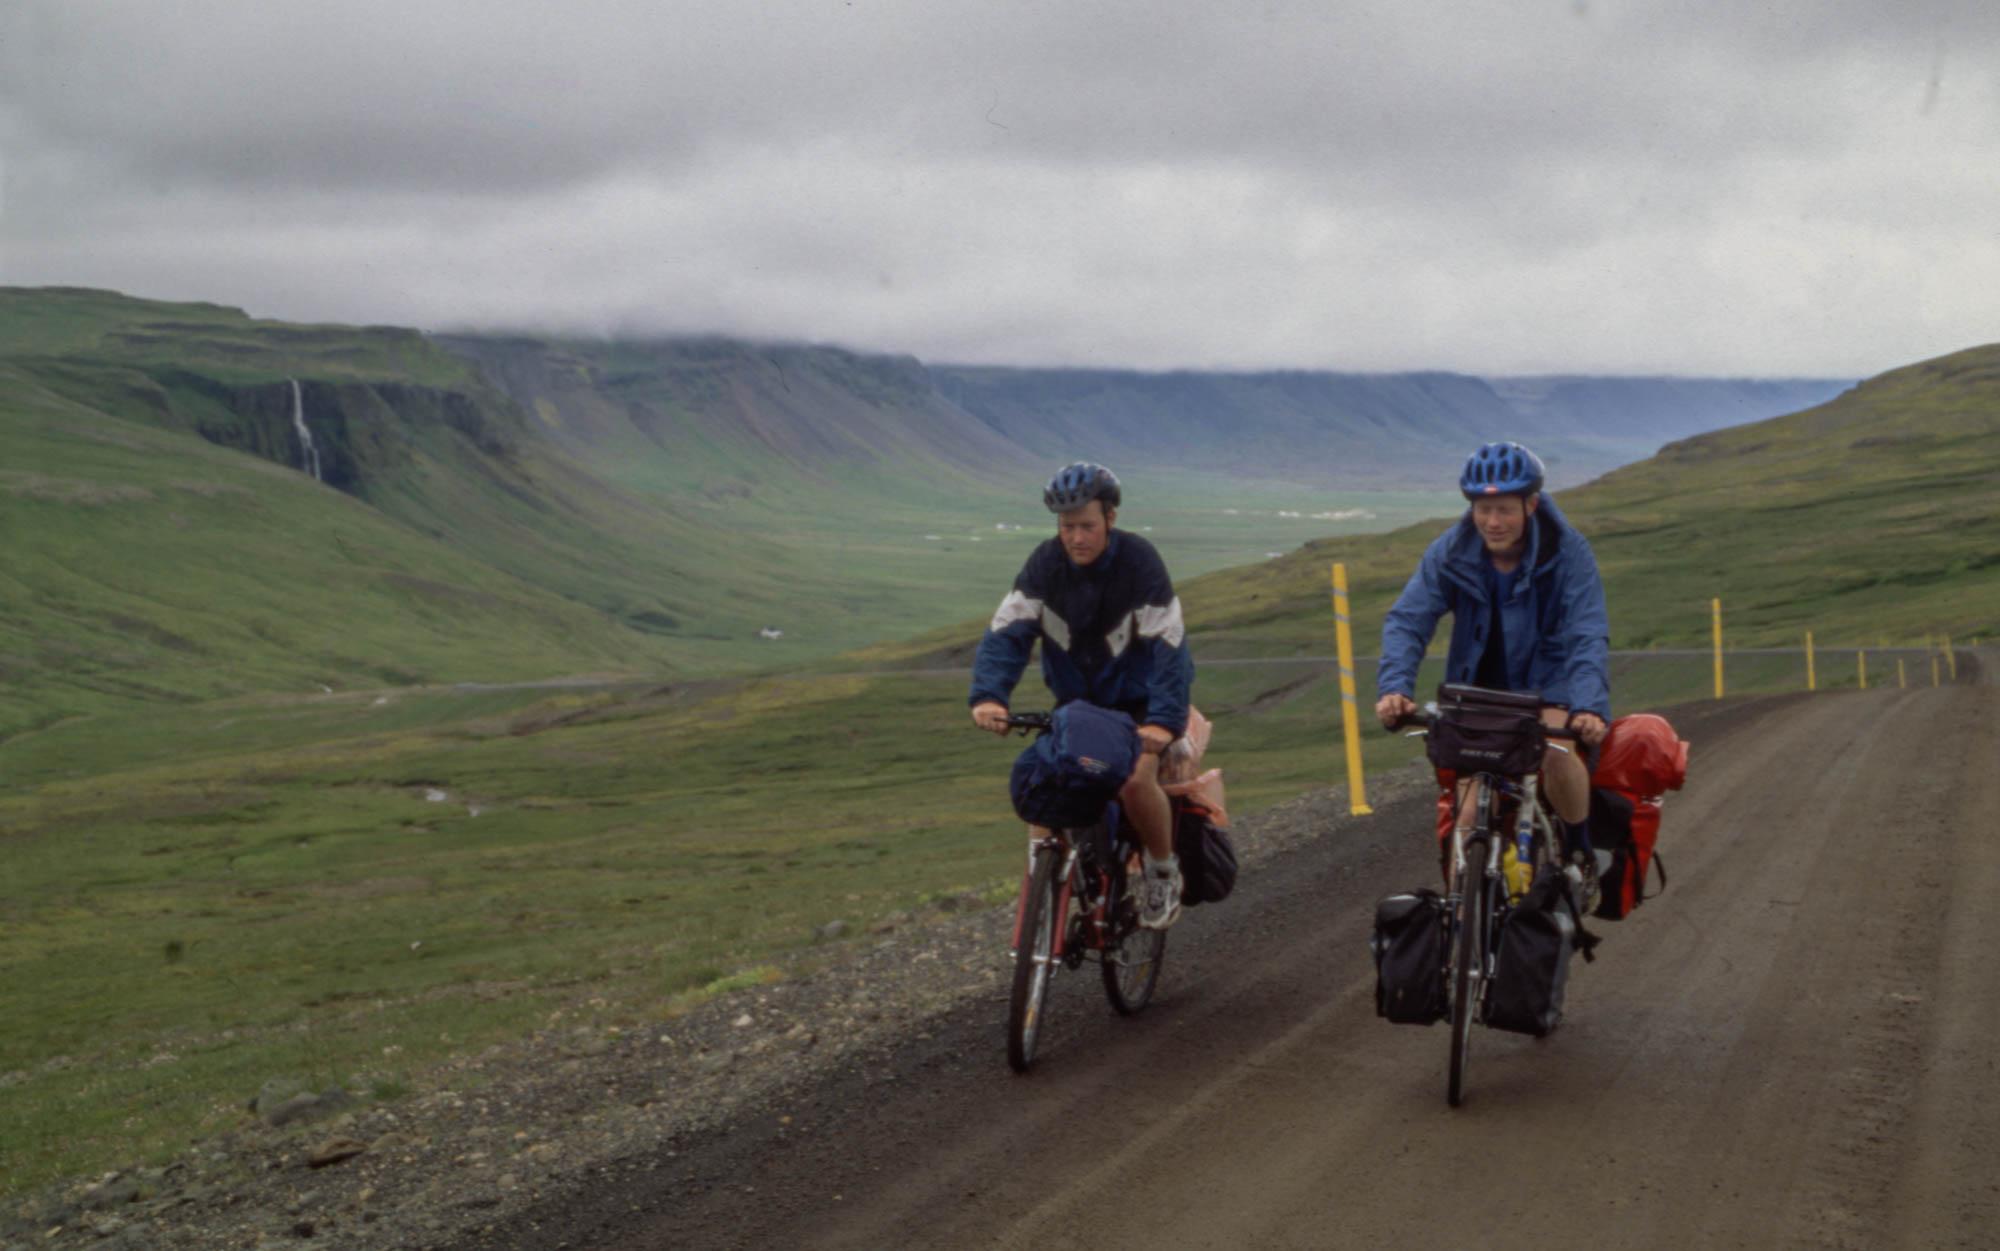 Landskapet på Island var overraskende variert, noe som gjorde sjølve syklinga ekstra interessant.